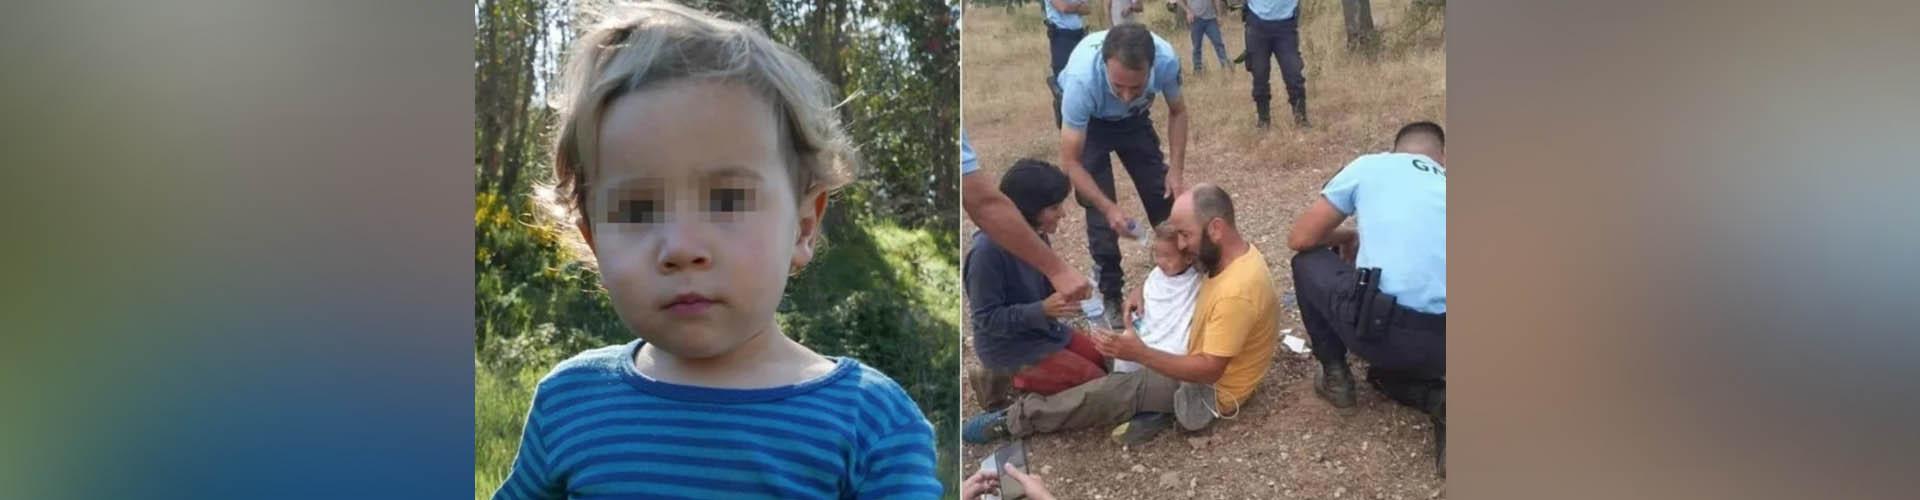 Todavía no hay explicación: Niño de 2 años apareció en un bosque